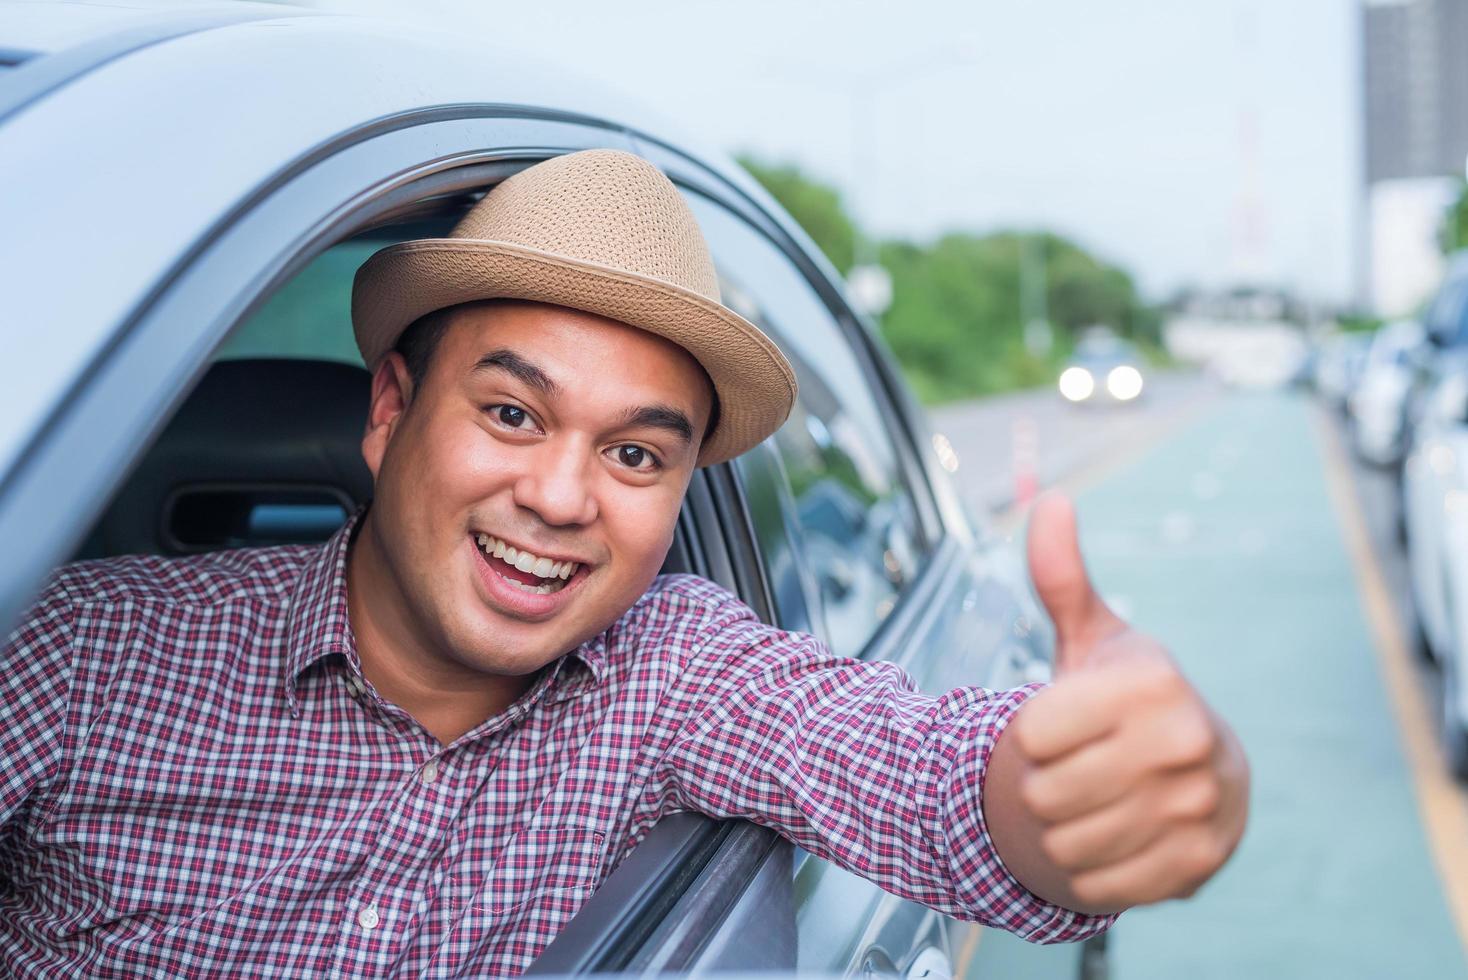 man som ger tummen upp ur bilfönstret foto